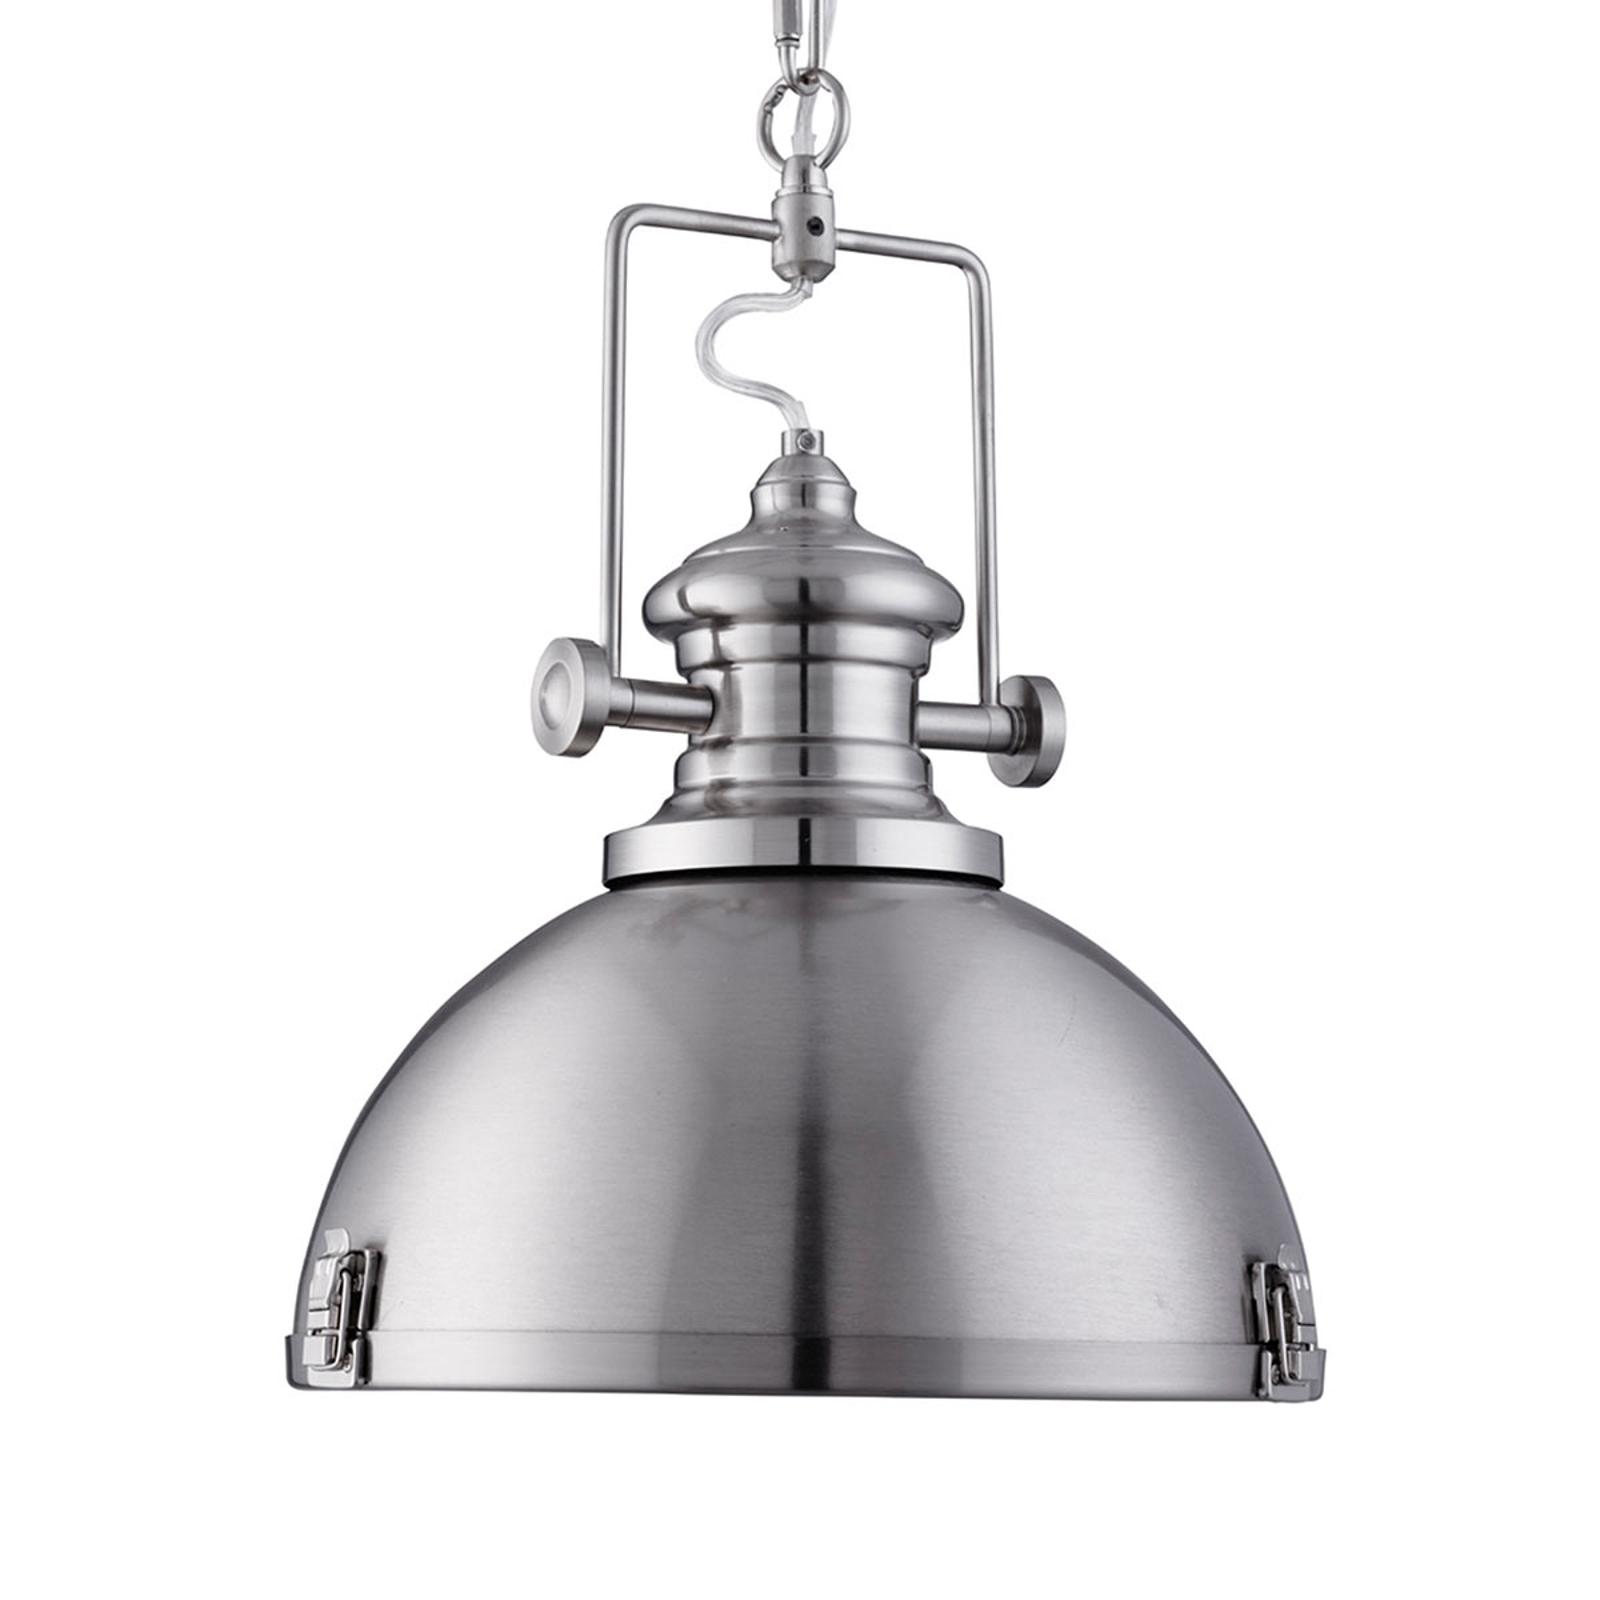 Modna industrialna lampa wisząca Silver